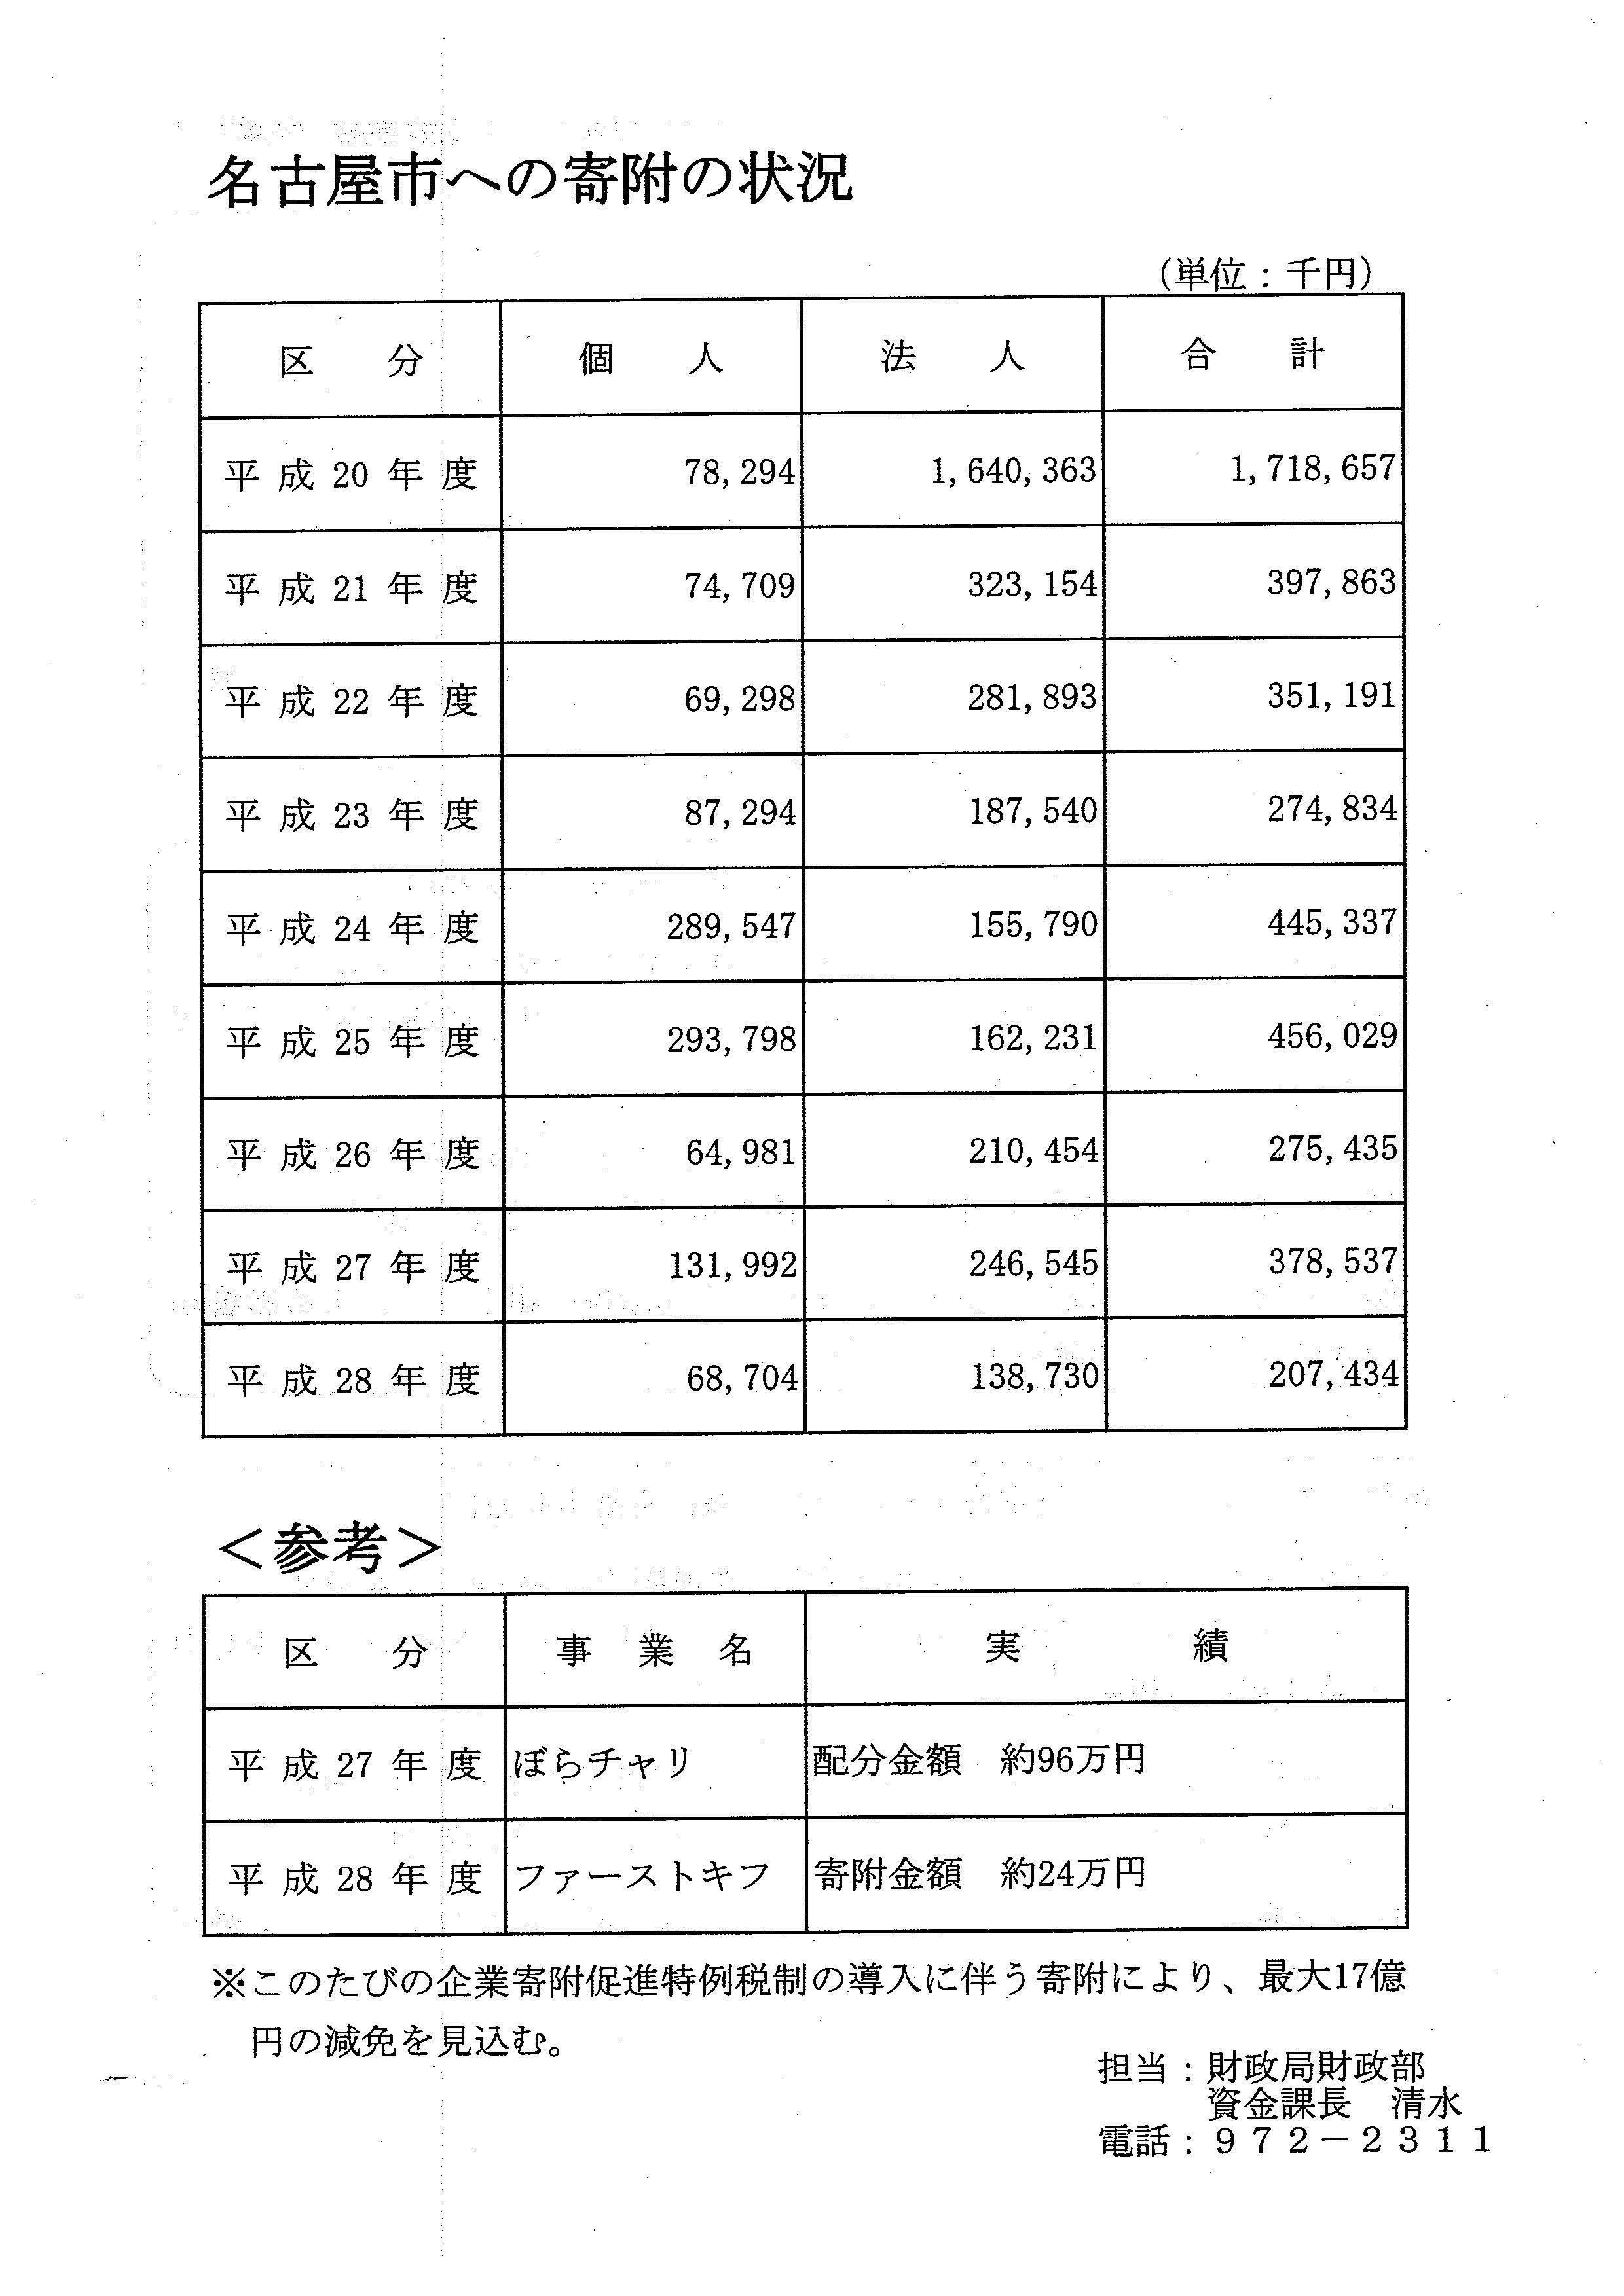 名古屋市 法人市民税減税廃止へ 「河村市長就任後 市への寄附が低迷」を認める_d0011701_09390778.jpg